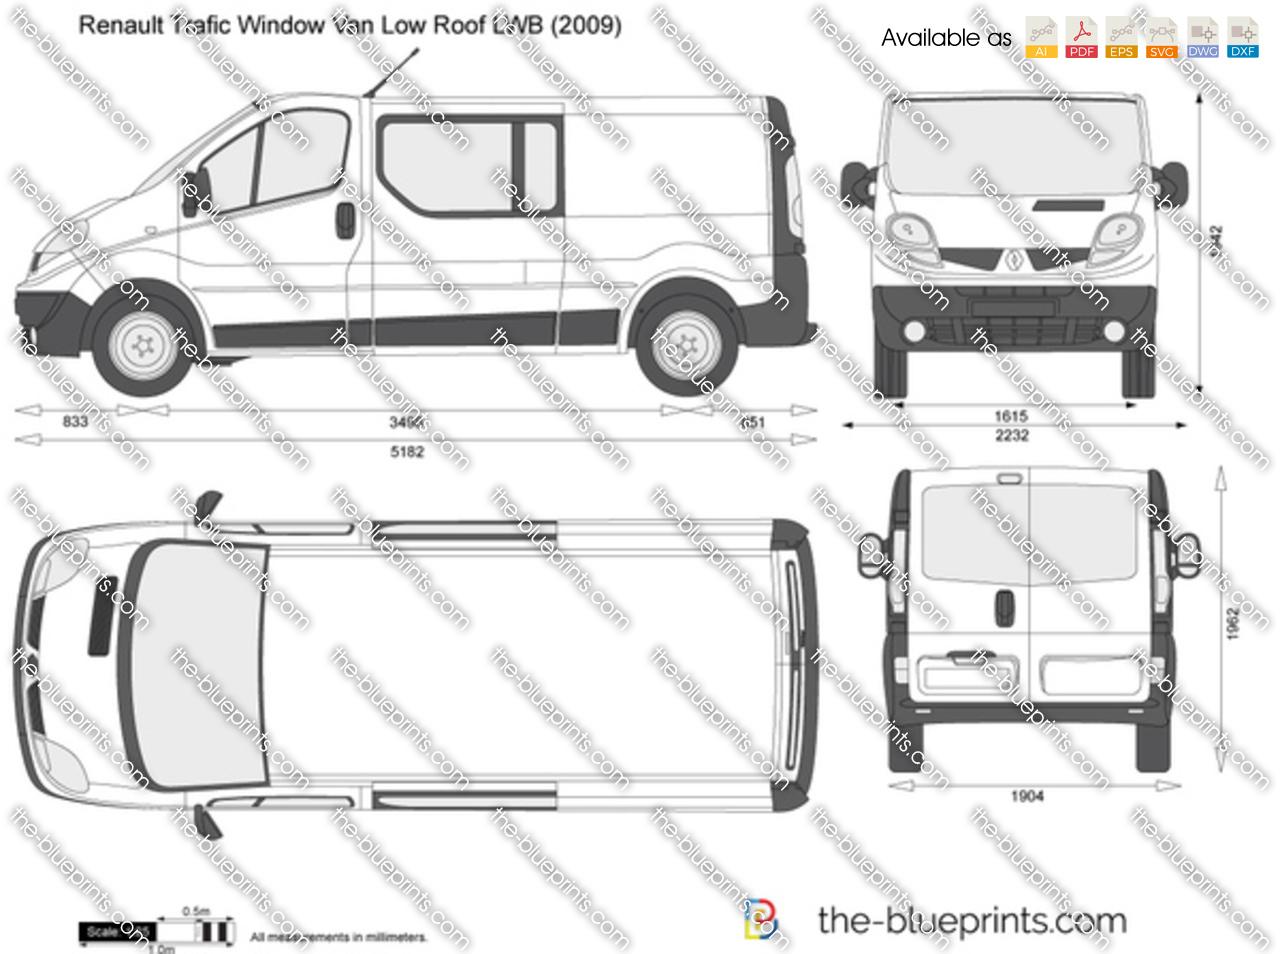 Renault Trafic Window Van Low Roof LWB 2004